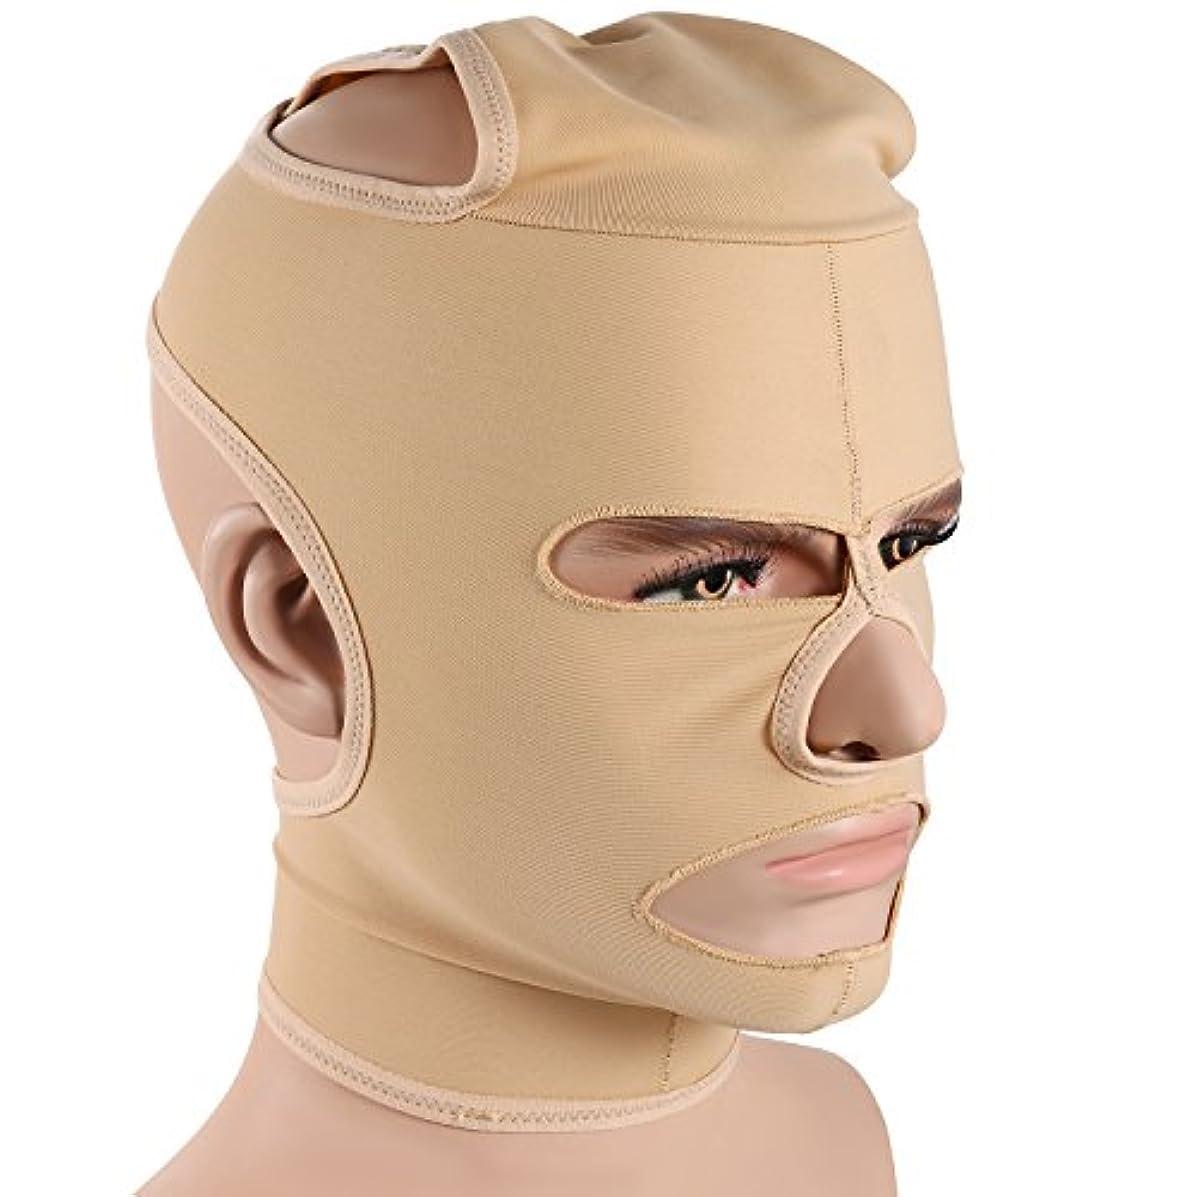 理論的滅多排泄するJewelryWe 小顔補正マスク 小顔ベルト 法令線予防 シワ防止 美顔 額、顎下、頬リフトアップ 男女兼用 Mサイズ